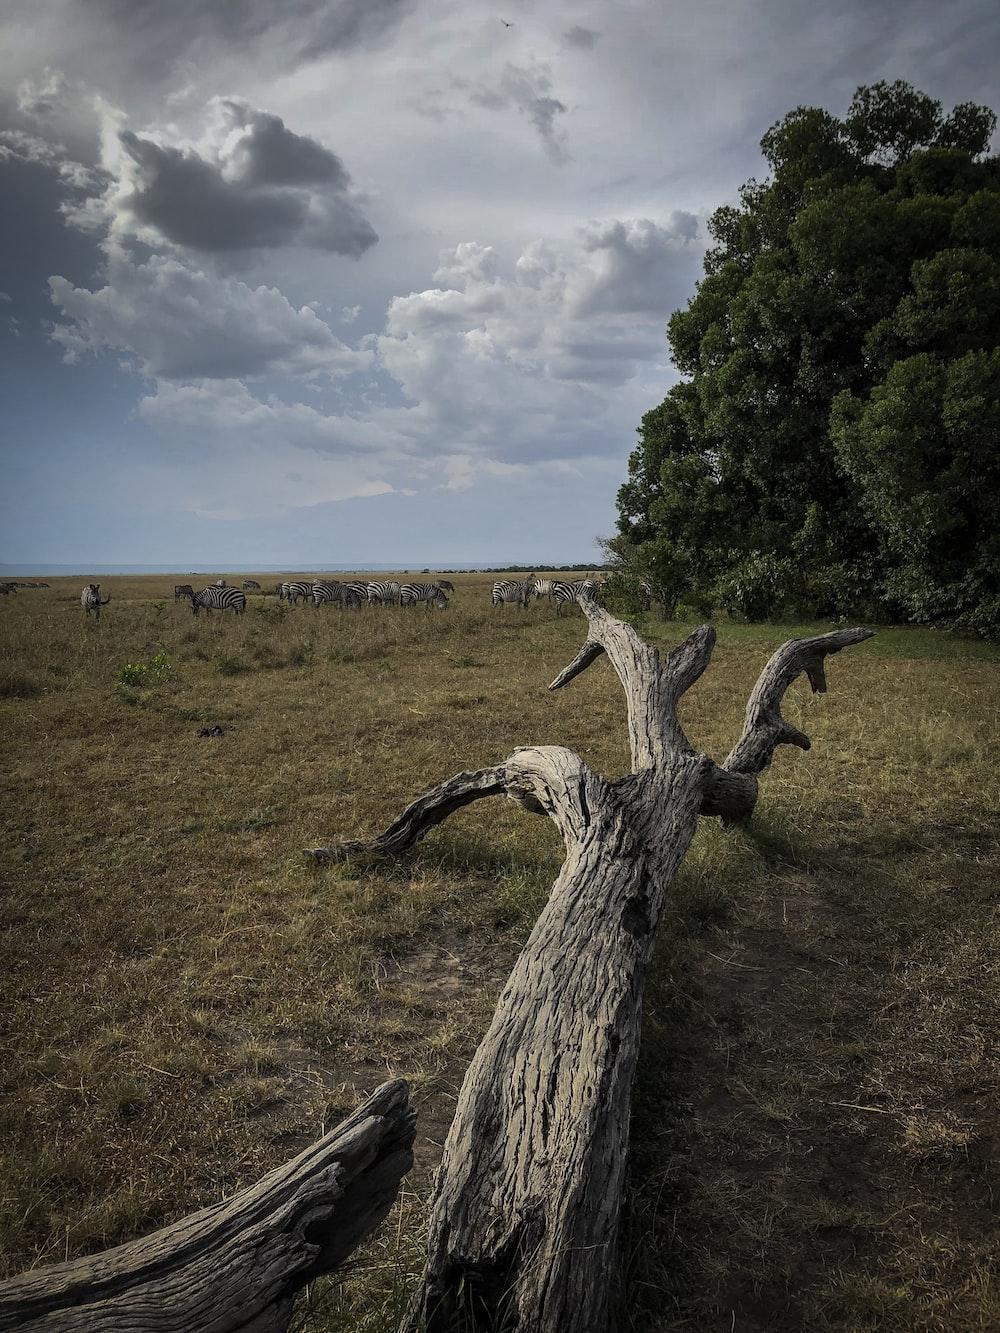 driftwood on grass